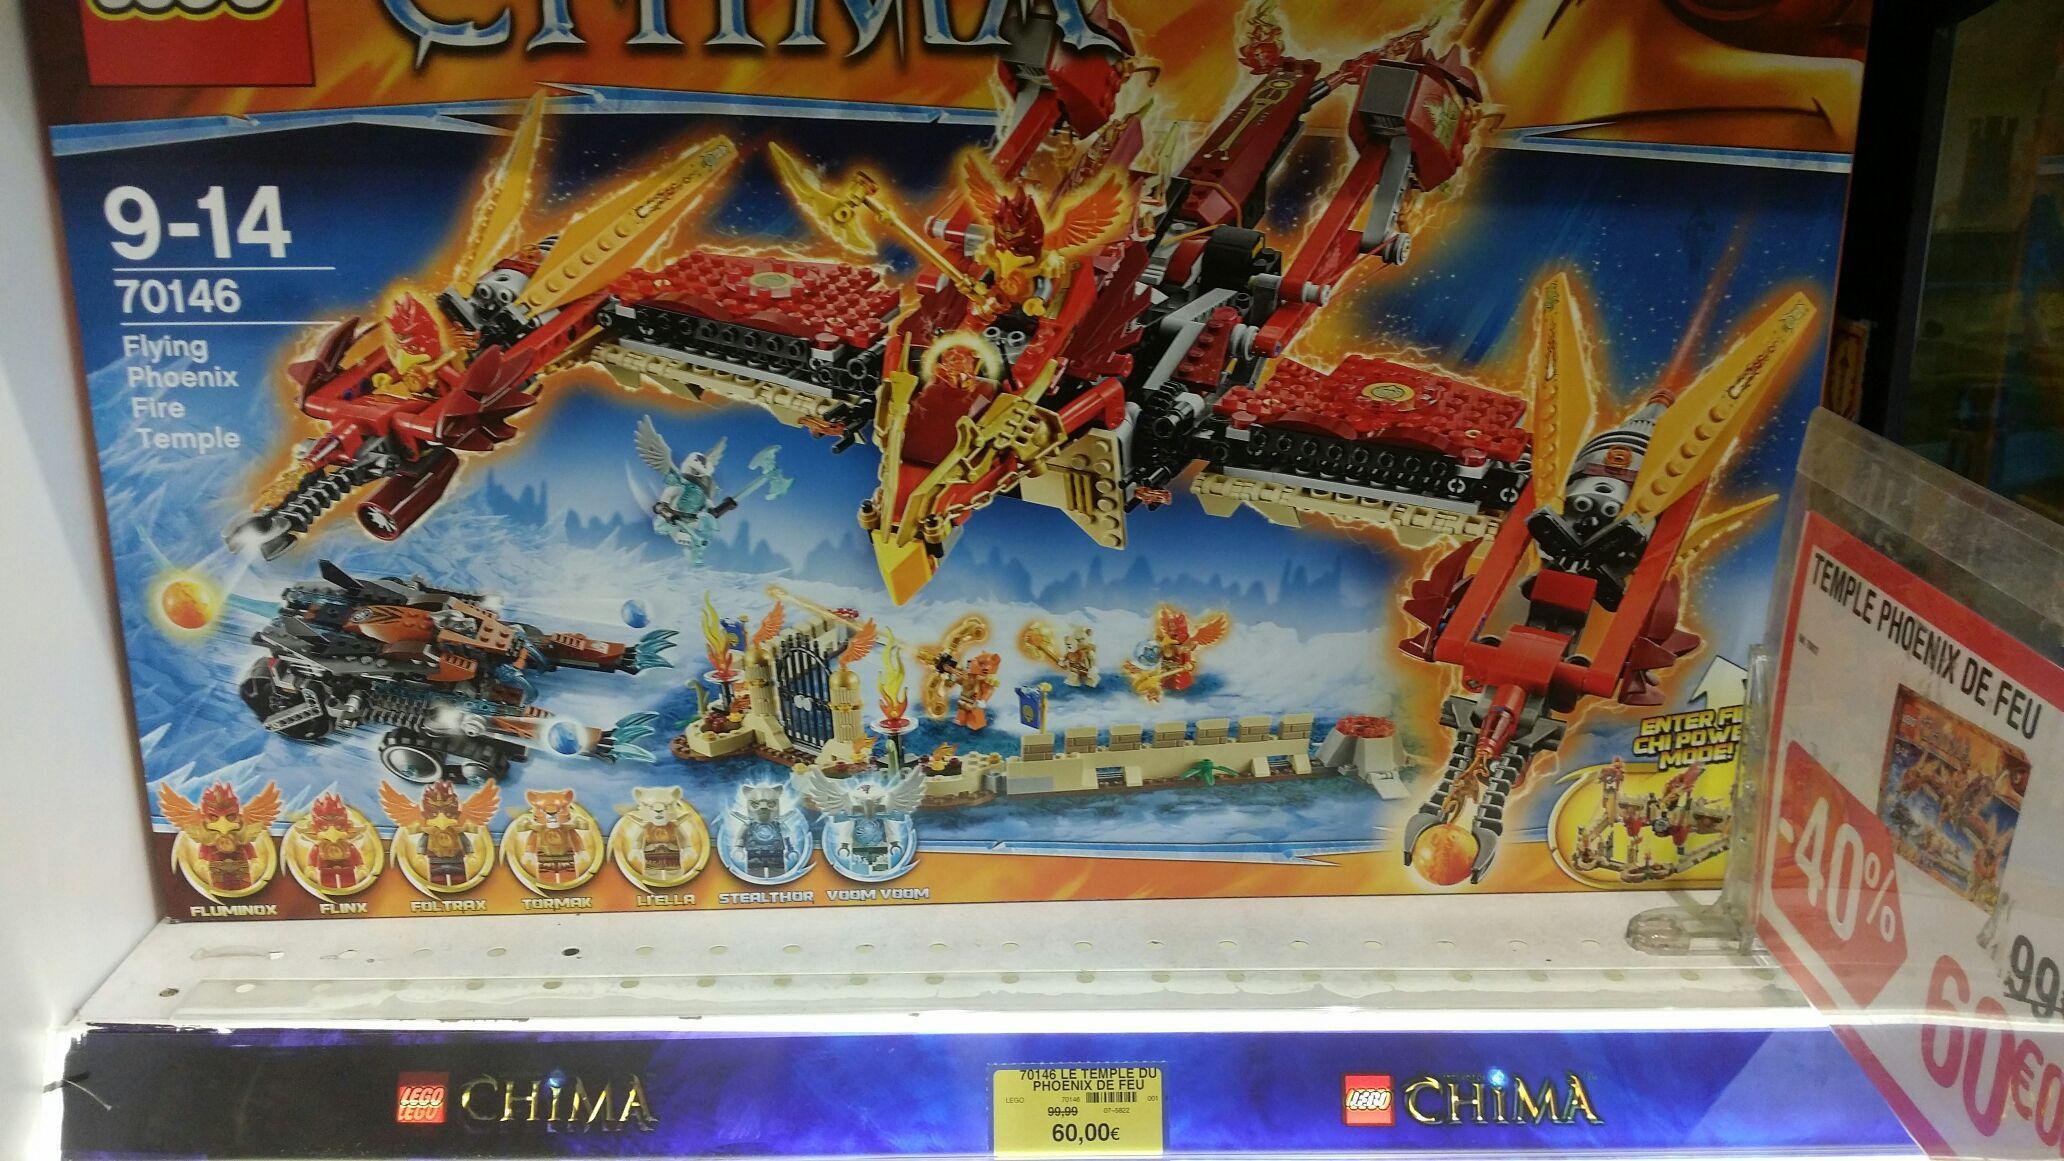 Lego chima 70146 Le temple du Phenix à 60€ (au lieu de 99,90€)